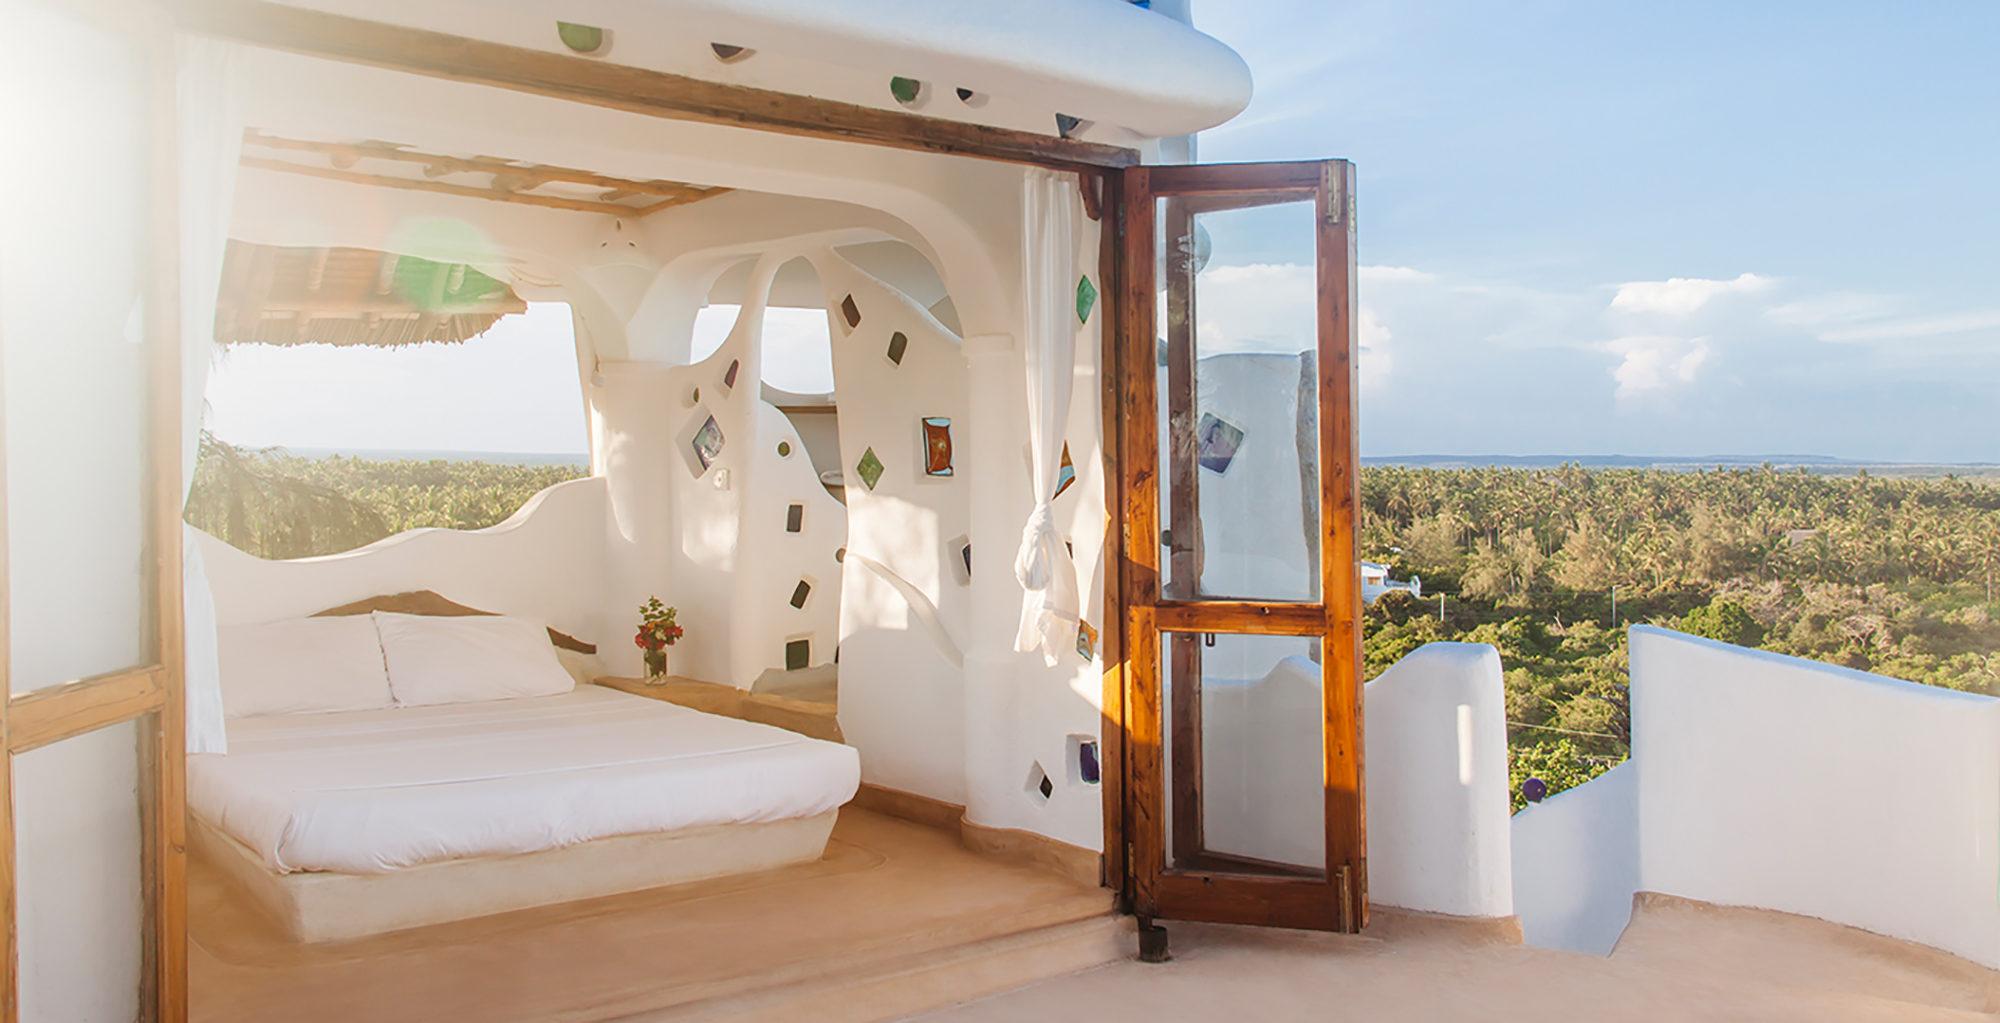 Kenya-Watamu-Treehouse-Bedroom